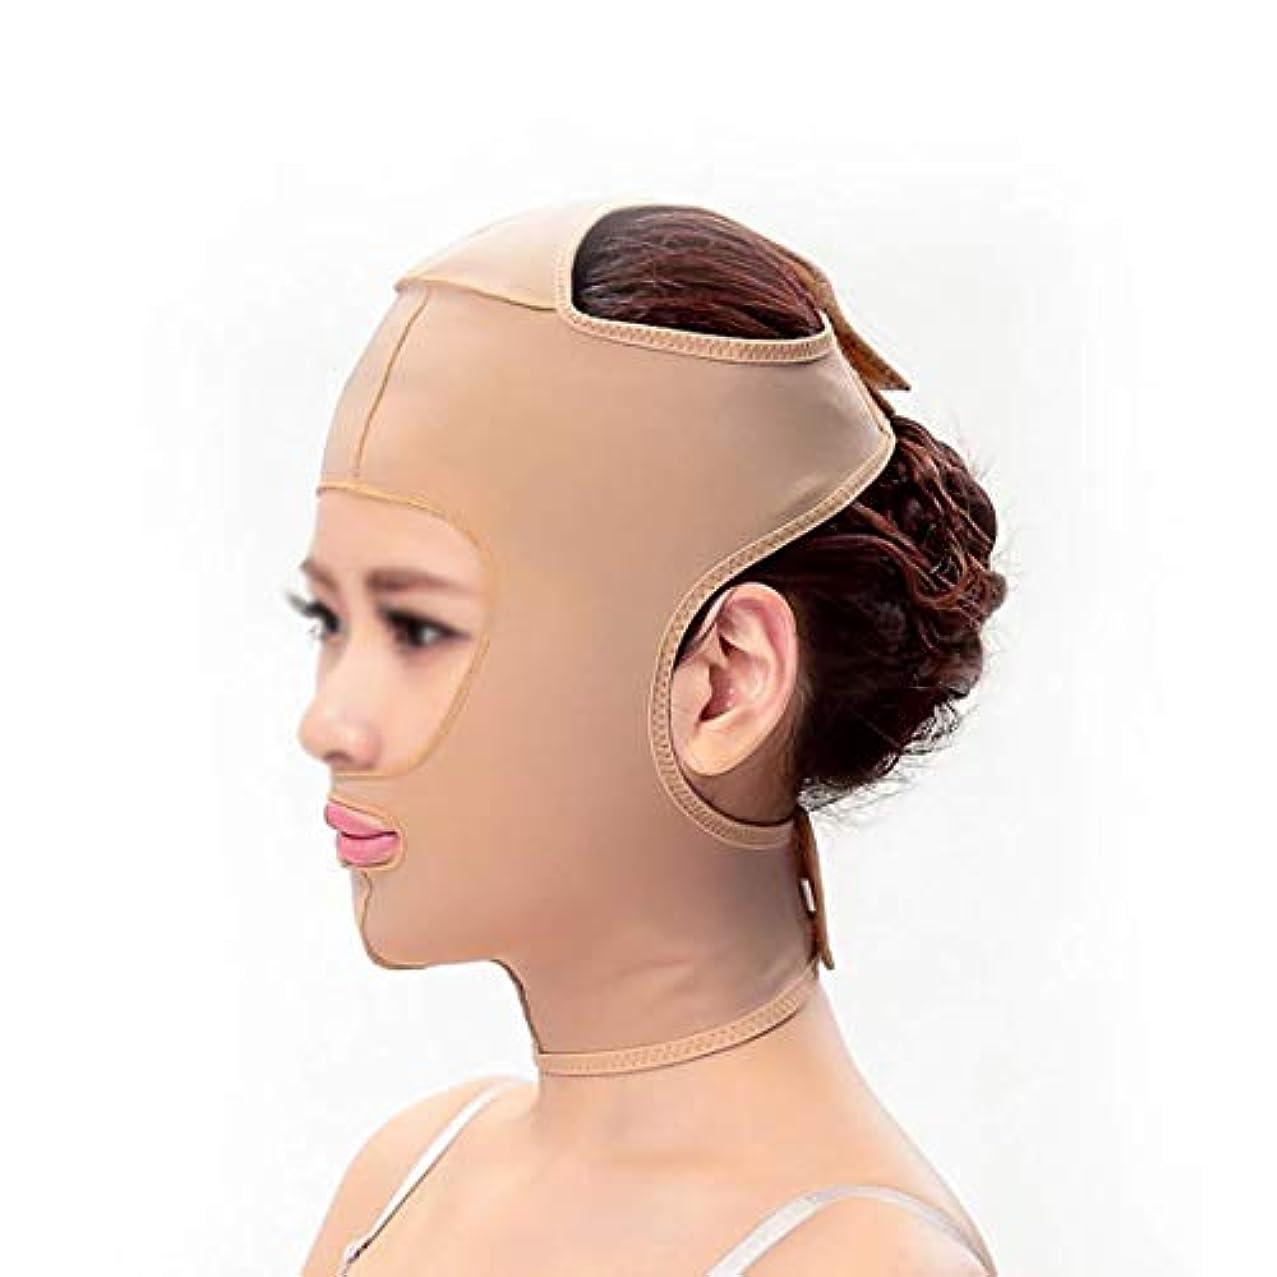 紫のリブ花火スリミングベルト、二重あごの引き締め顔面プラスチックフェイスアーティファクト強力なフェイスバンデージをサイズアップするために顔面マスクシンフェイスマスク,Xl